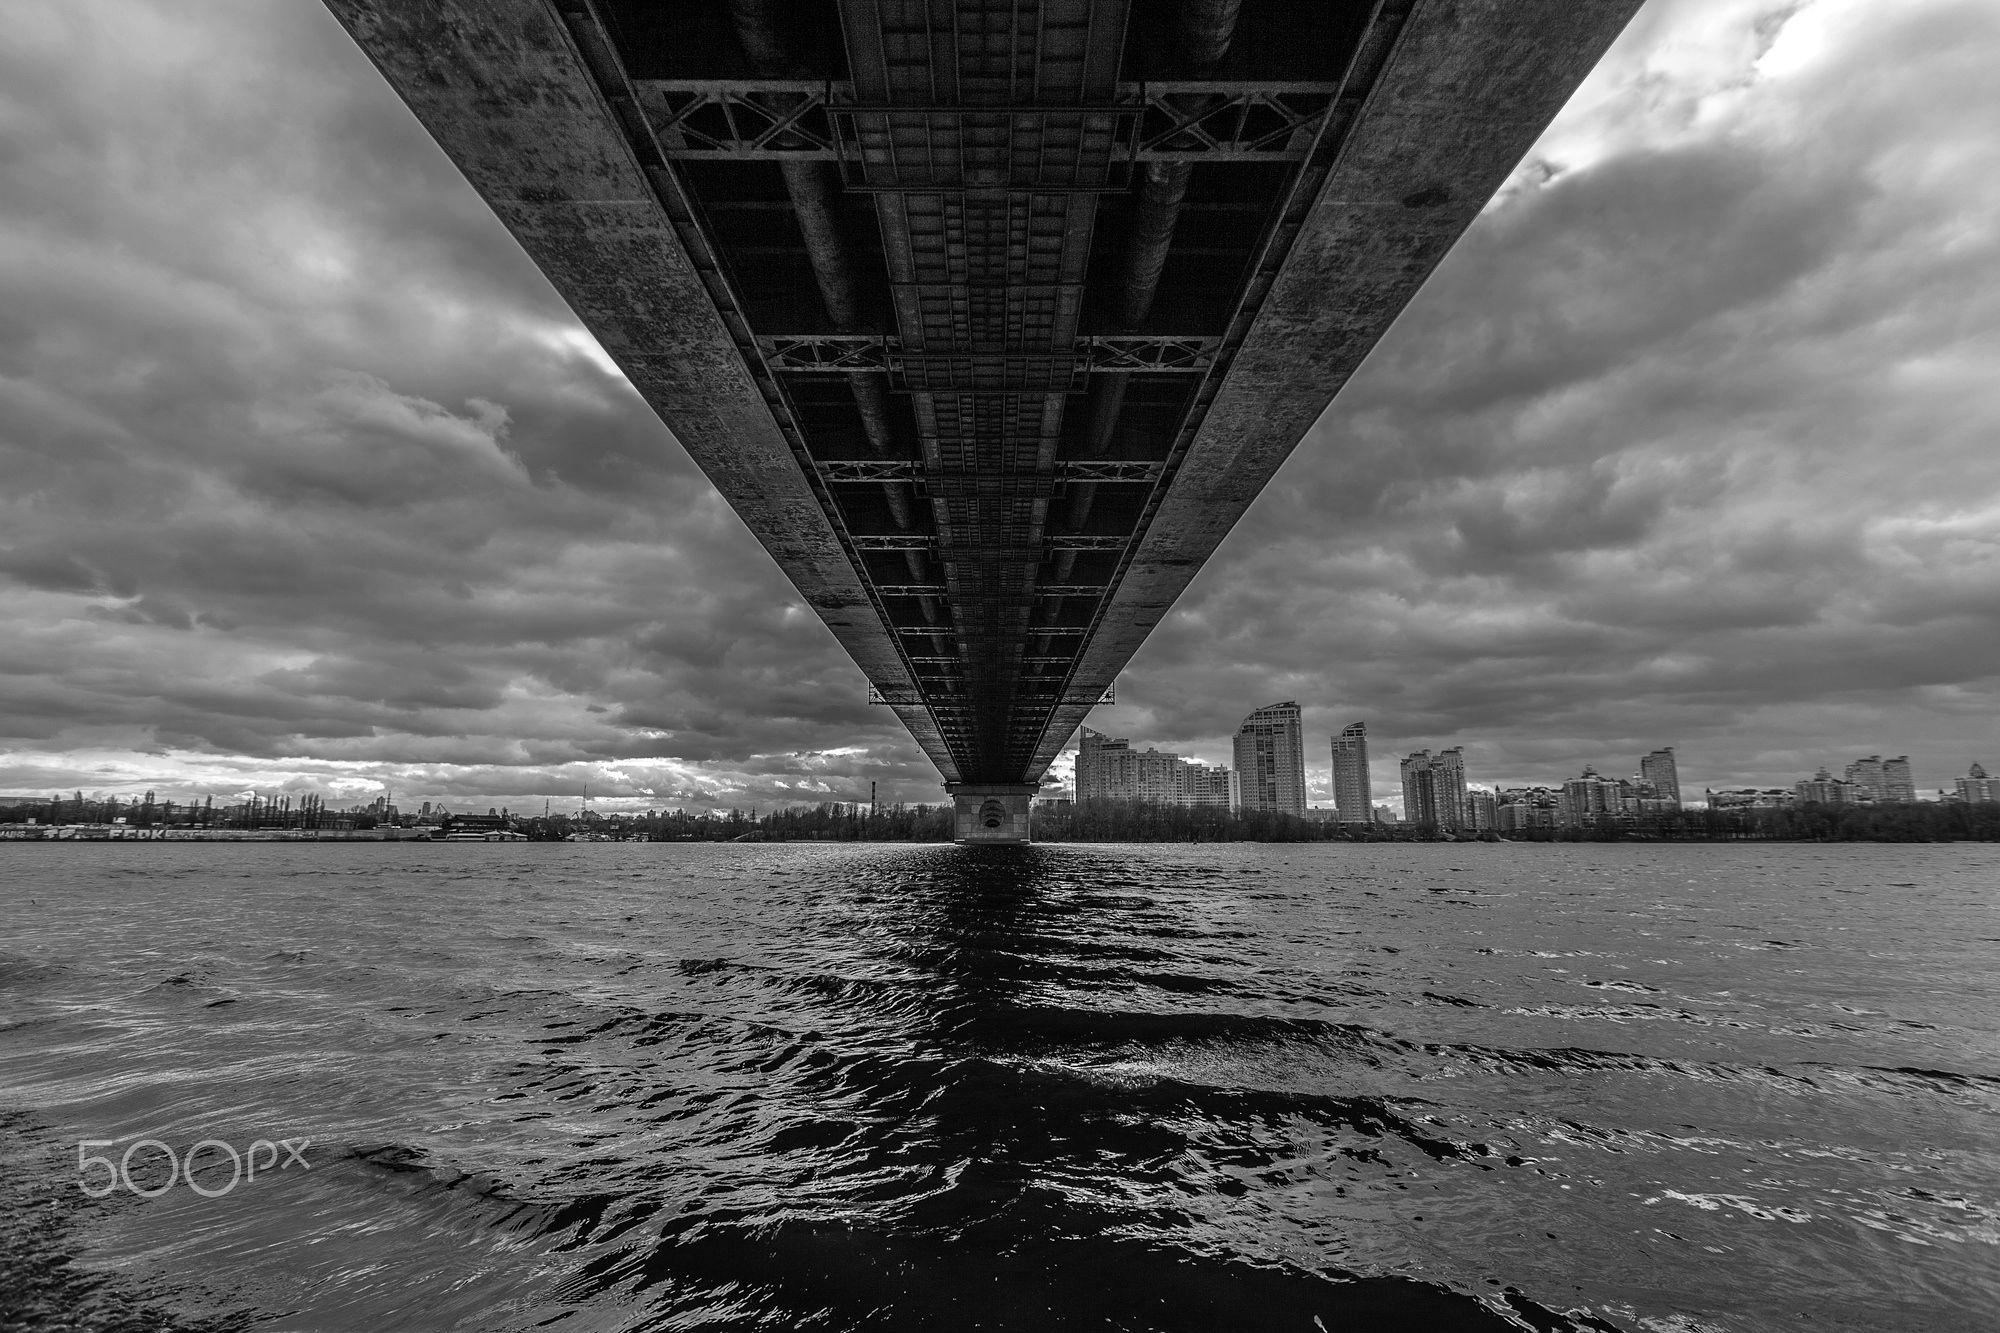 Московский мост - The Moscow bridge